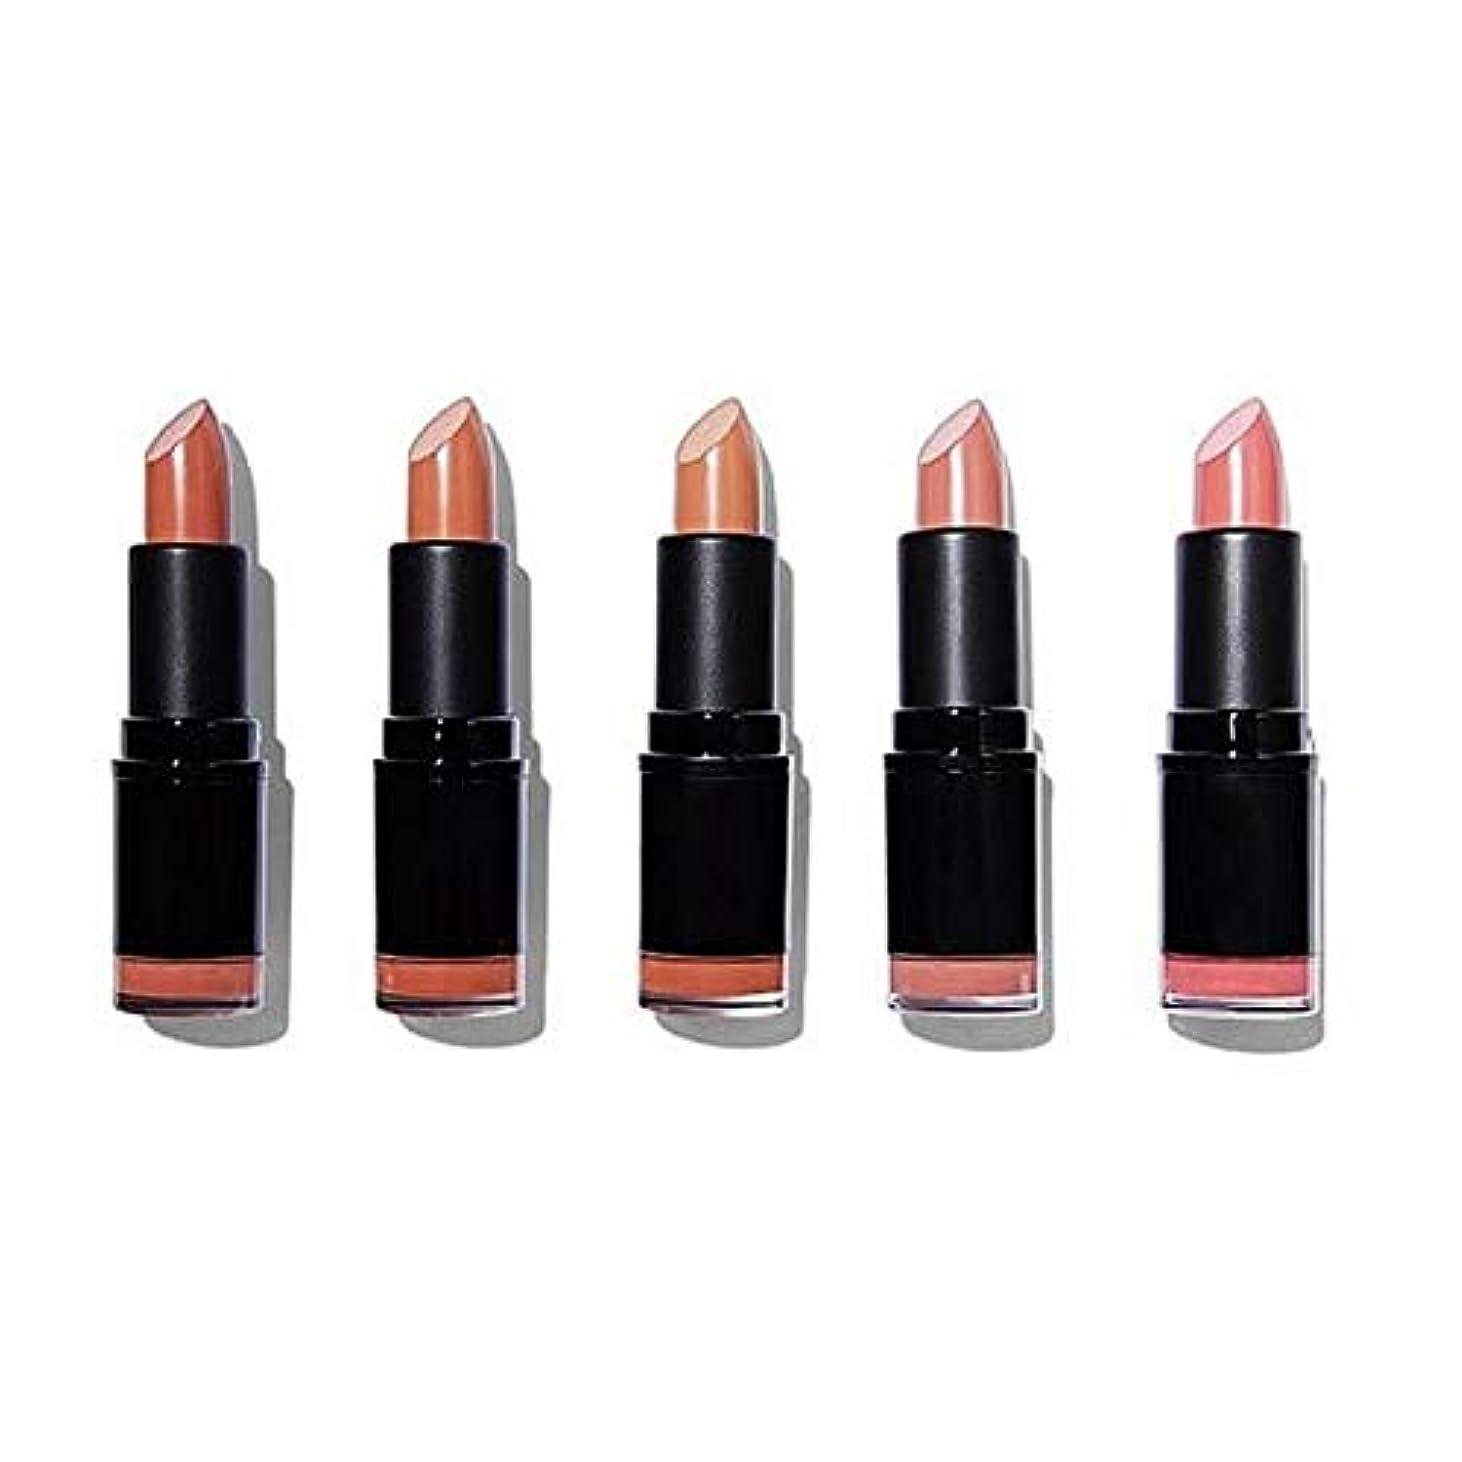 [Revolution ] 革命プロ口紅のコレクション裸 - Revolution Pro Lipstick Collection Bare [並行輸入品]